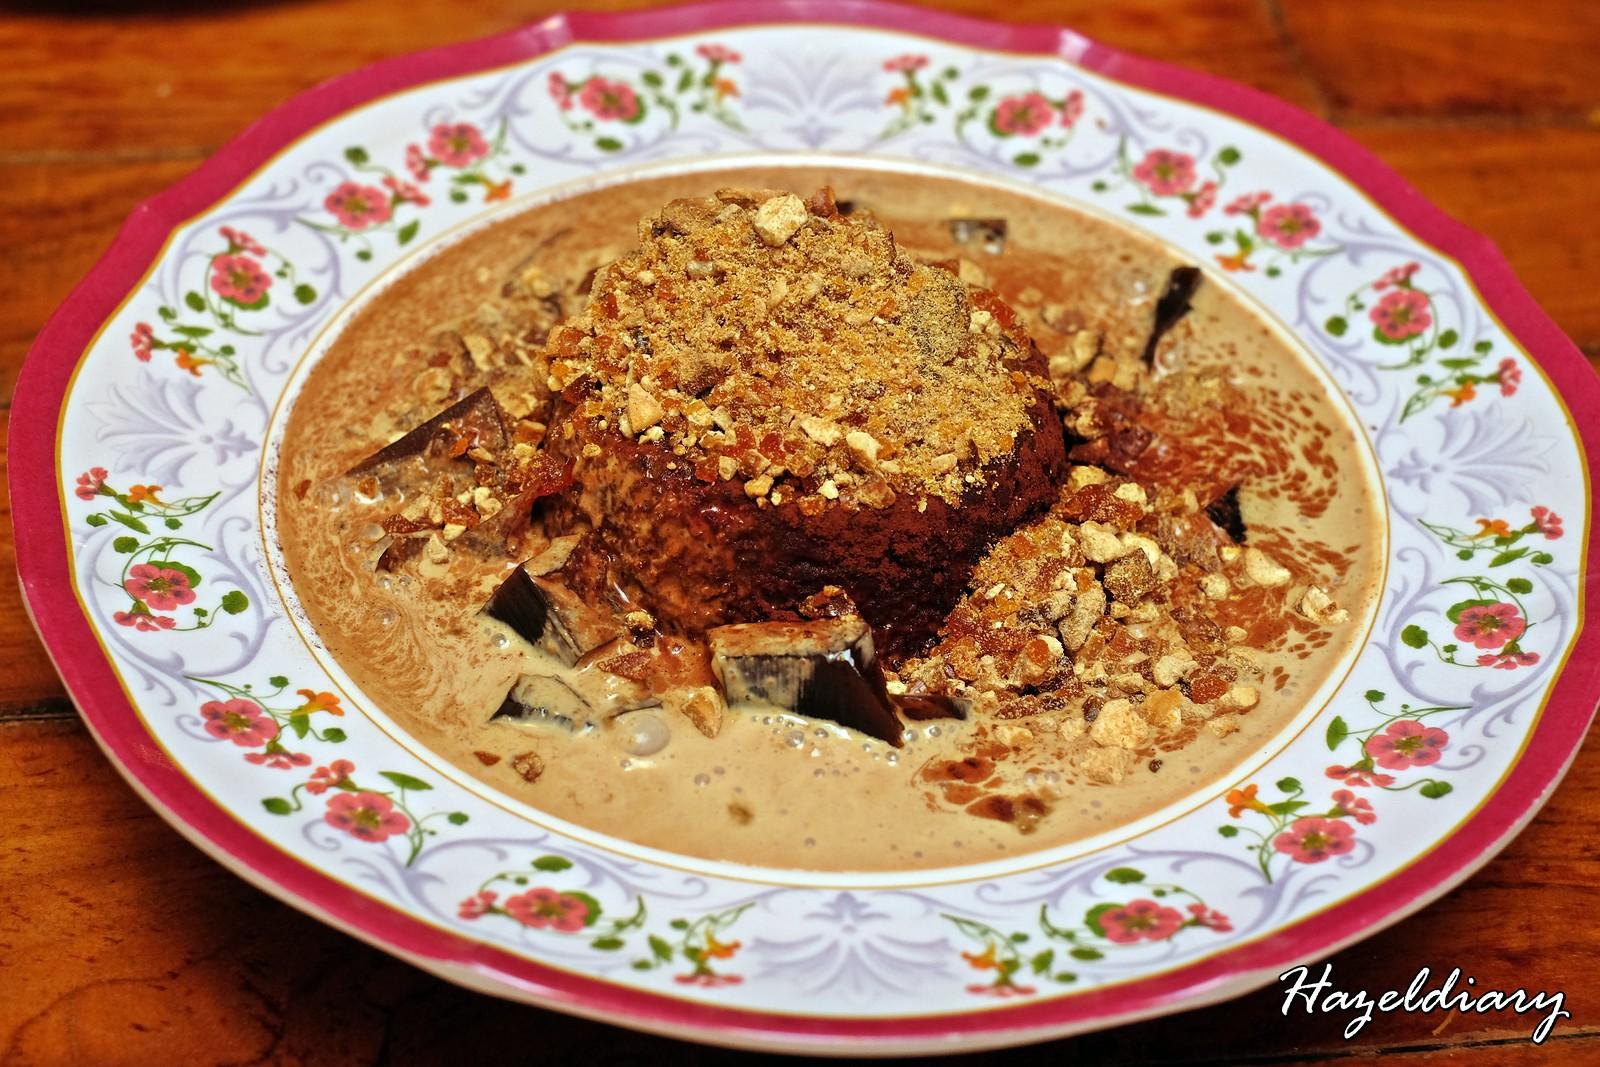 Artichoke by Chef Bjorn Shen-Date Pudding